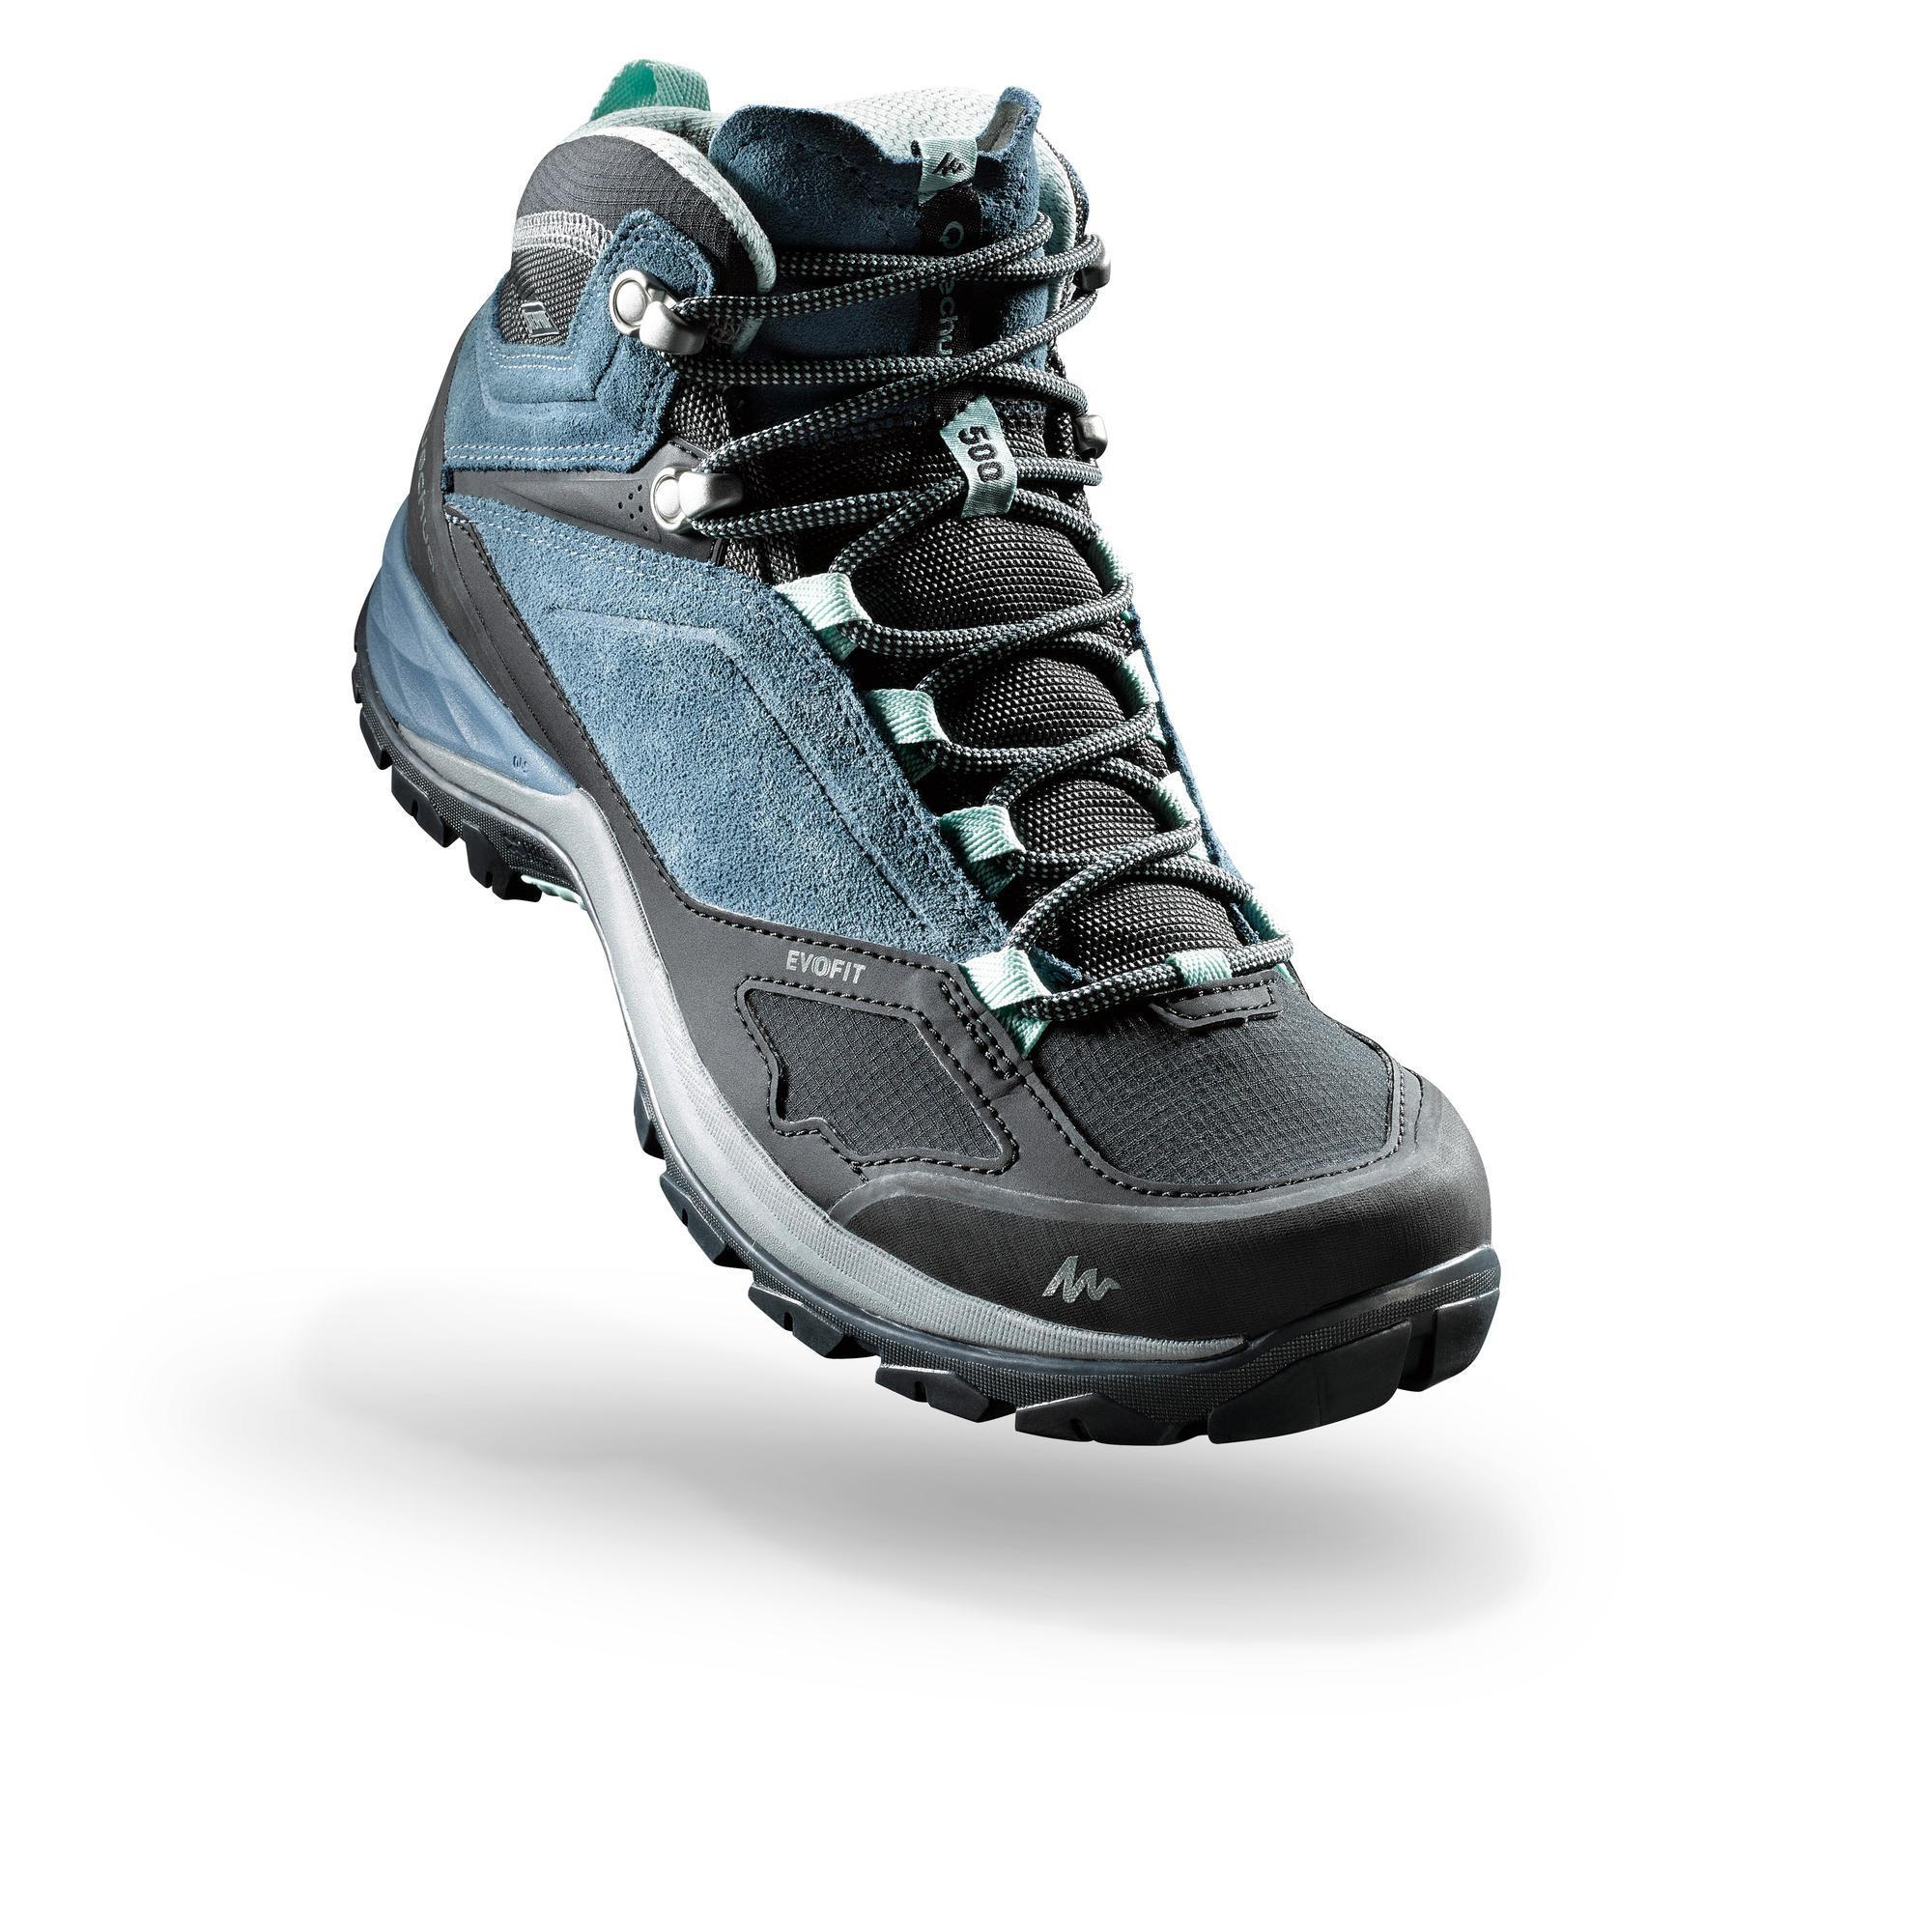 2553993 Quechua Waterdichte bergwandelschoenen voor dames MH500 mid blauw